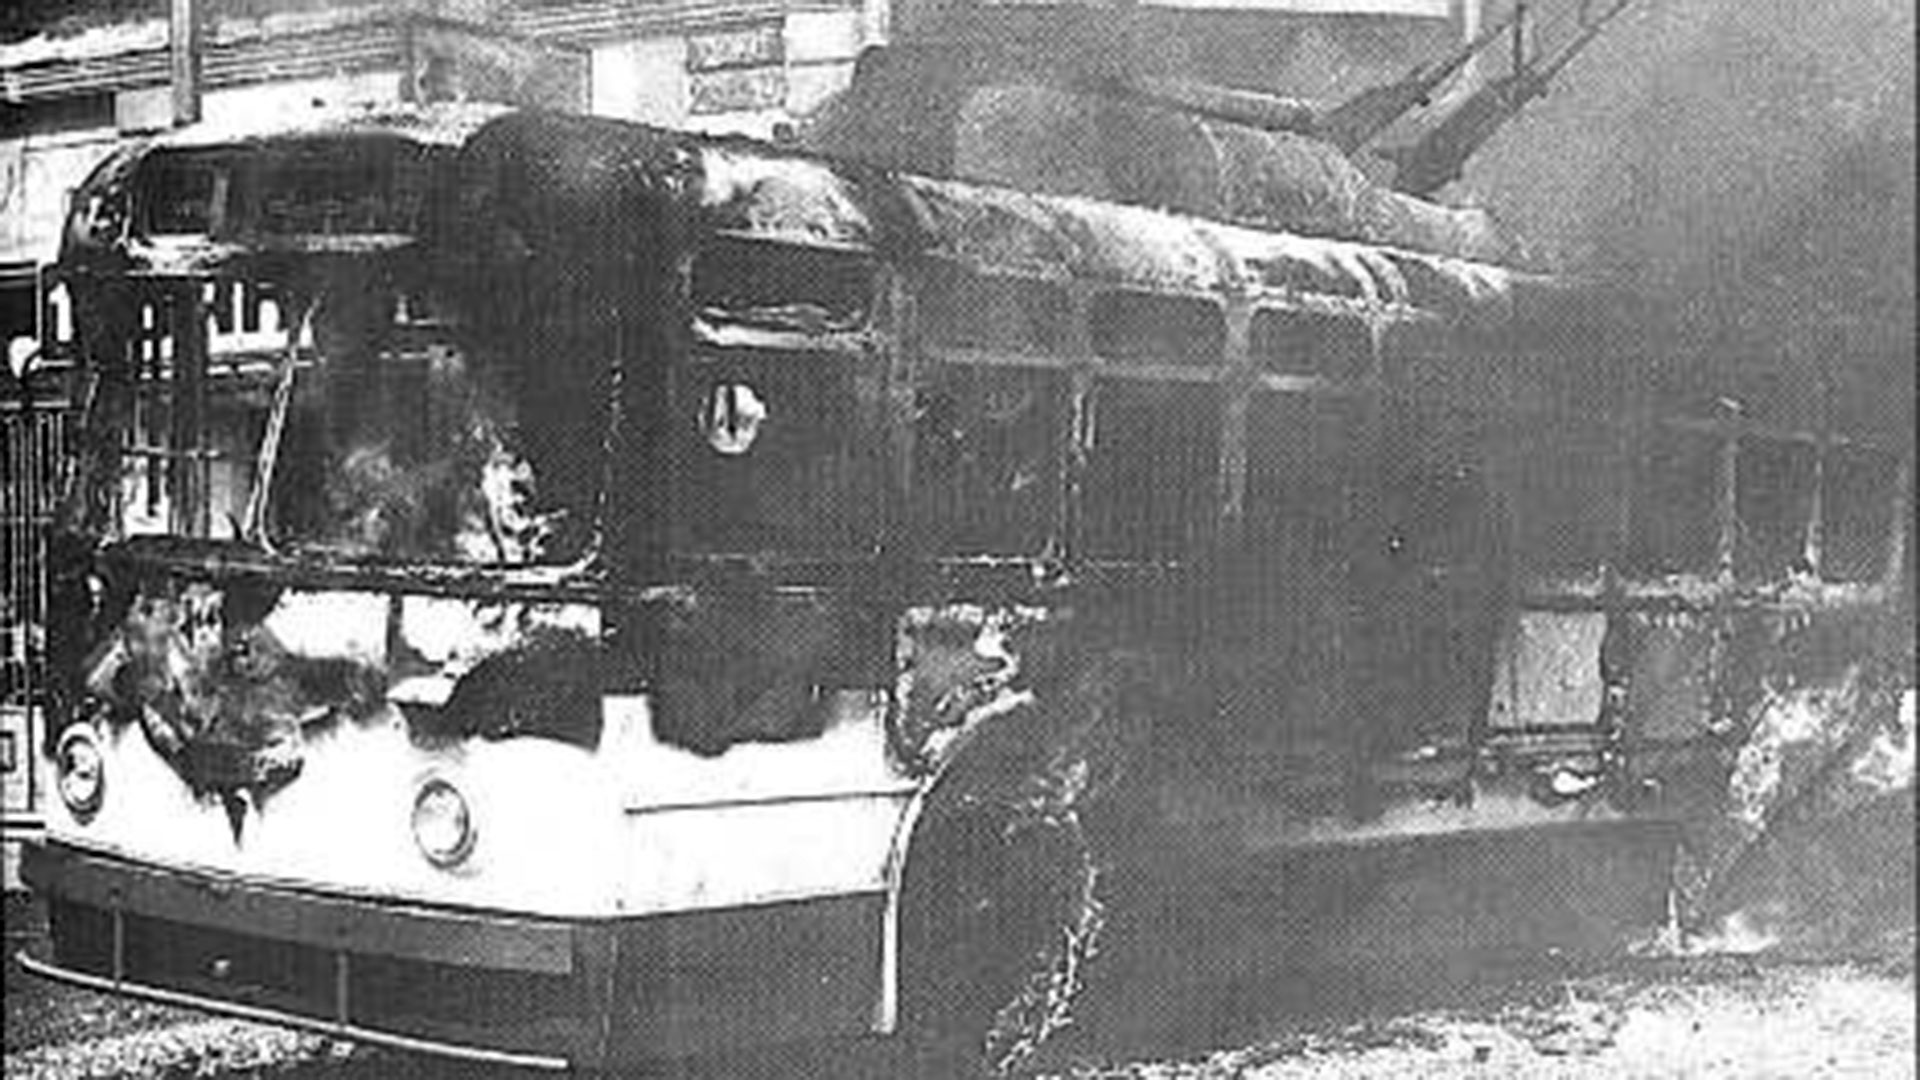 Onganía ordenó al jefe del Segundo Cuerpo del Ejército, Roberto Fonseca, que se hiciera cargo de la represión, pero la escalada de violencia no se detuvo